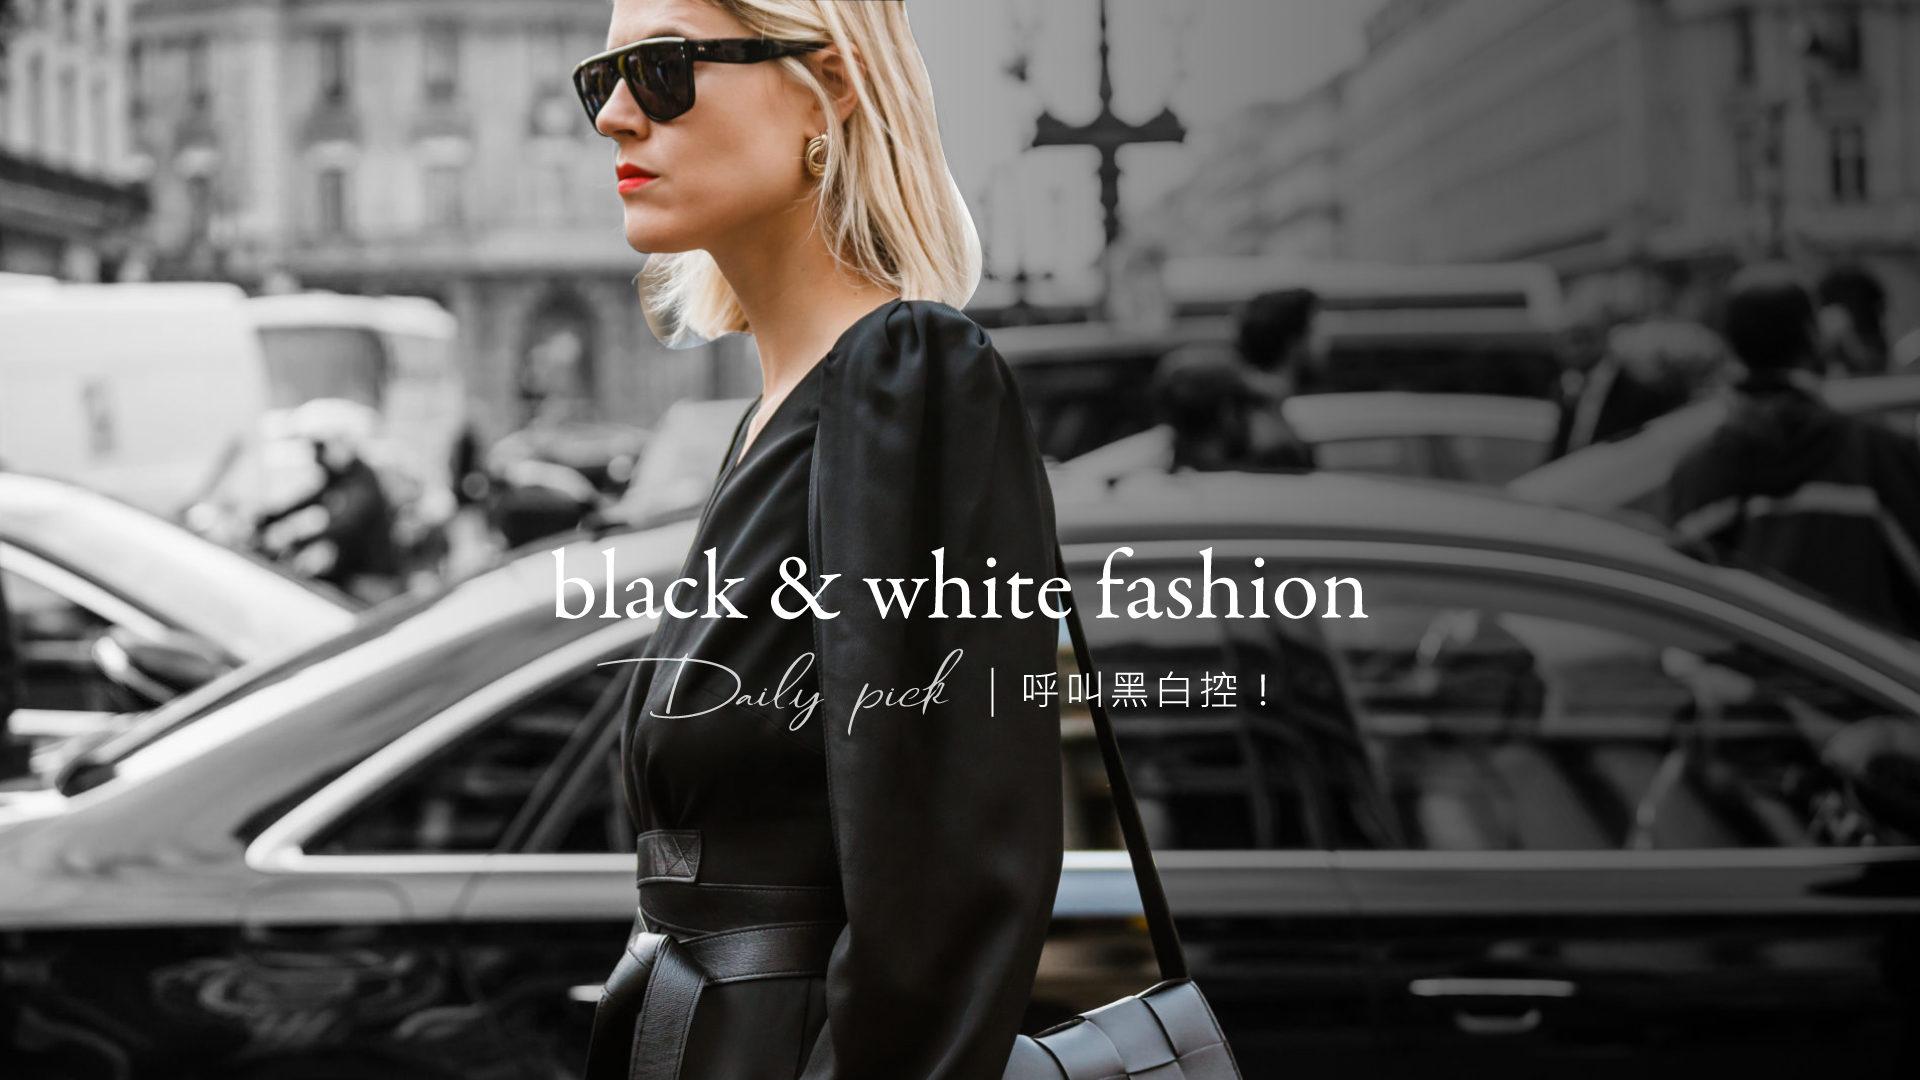 呼叫黑白控!黑白穿搭這樣穿,人生不黑白!